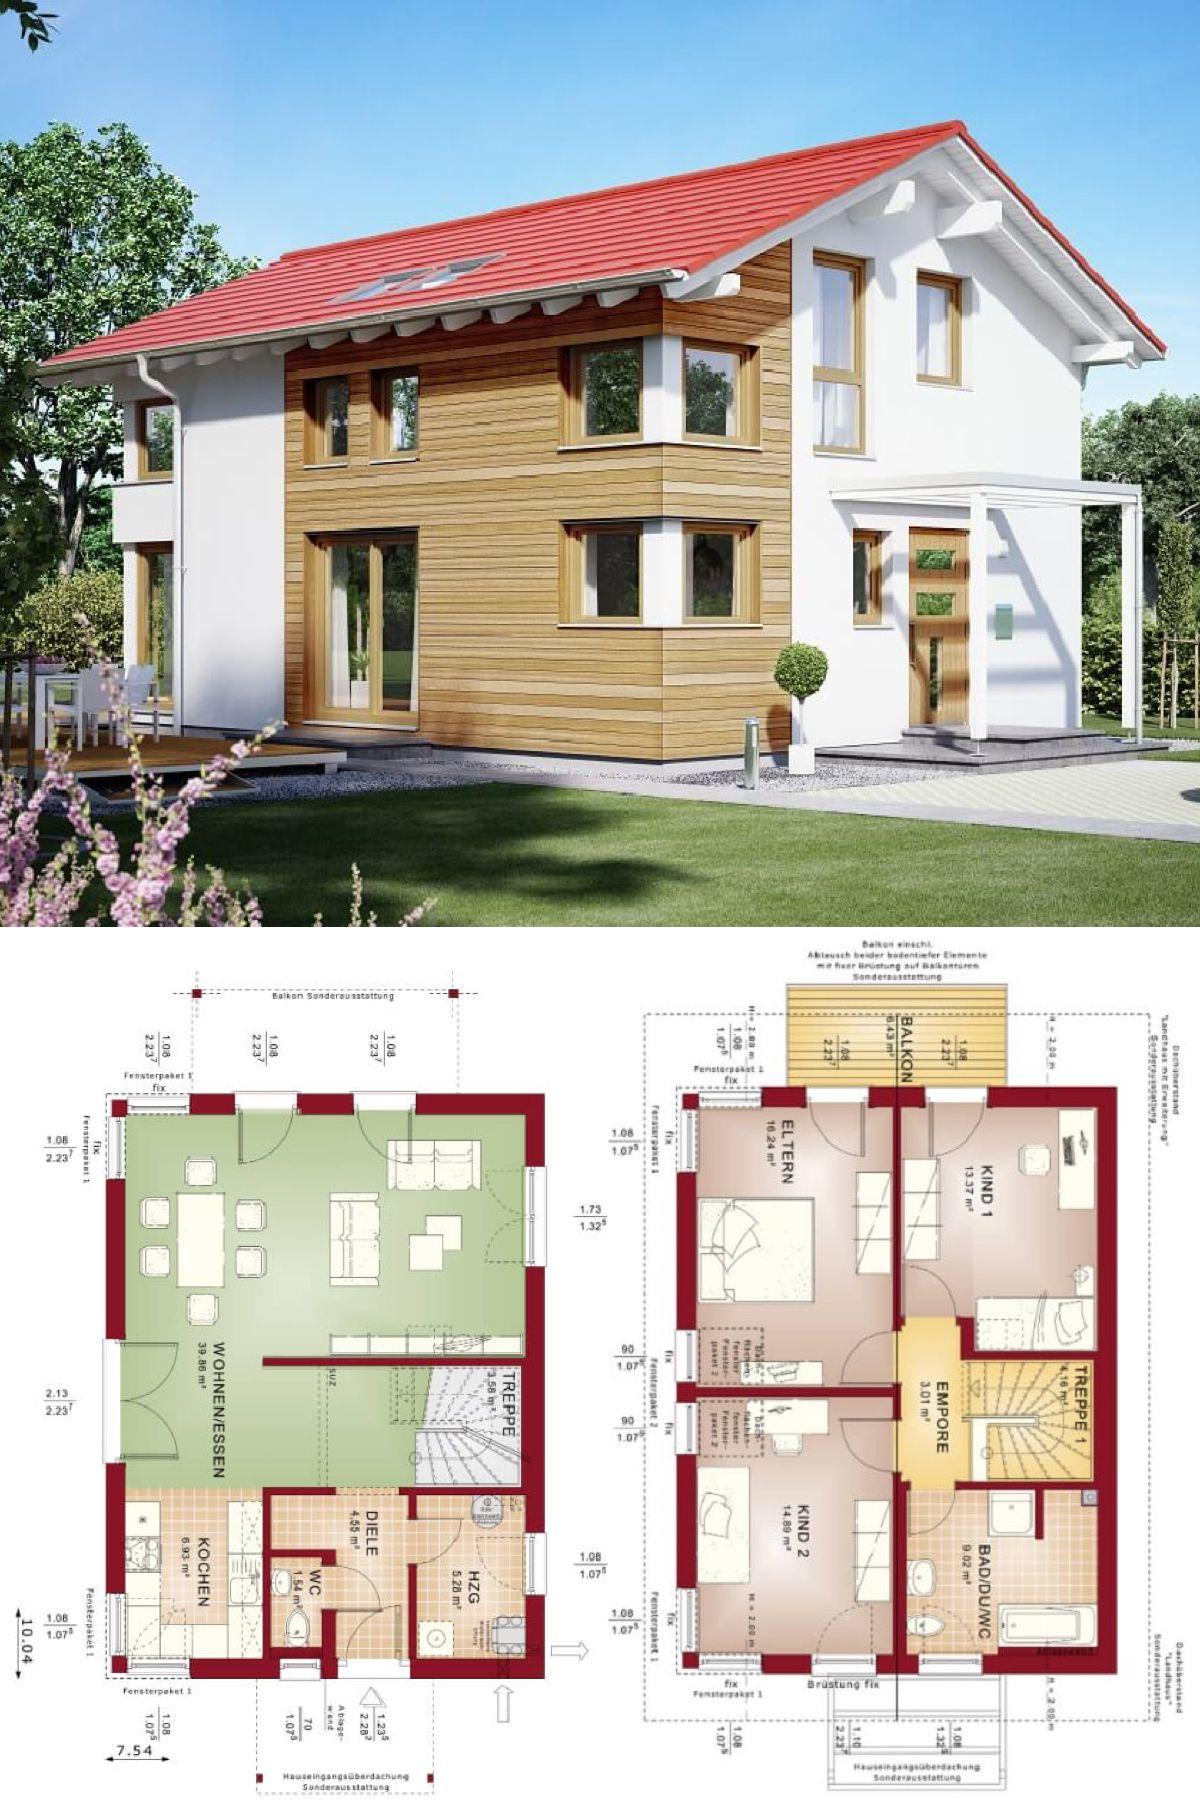 Exceptional Einfamilienhaus Moderner Alpenstil   Haus Evolution 122 V6 Bien Zenker    Fertighaus Mit Satteldach   HausbauDirekt